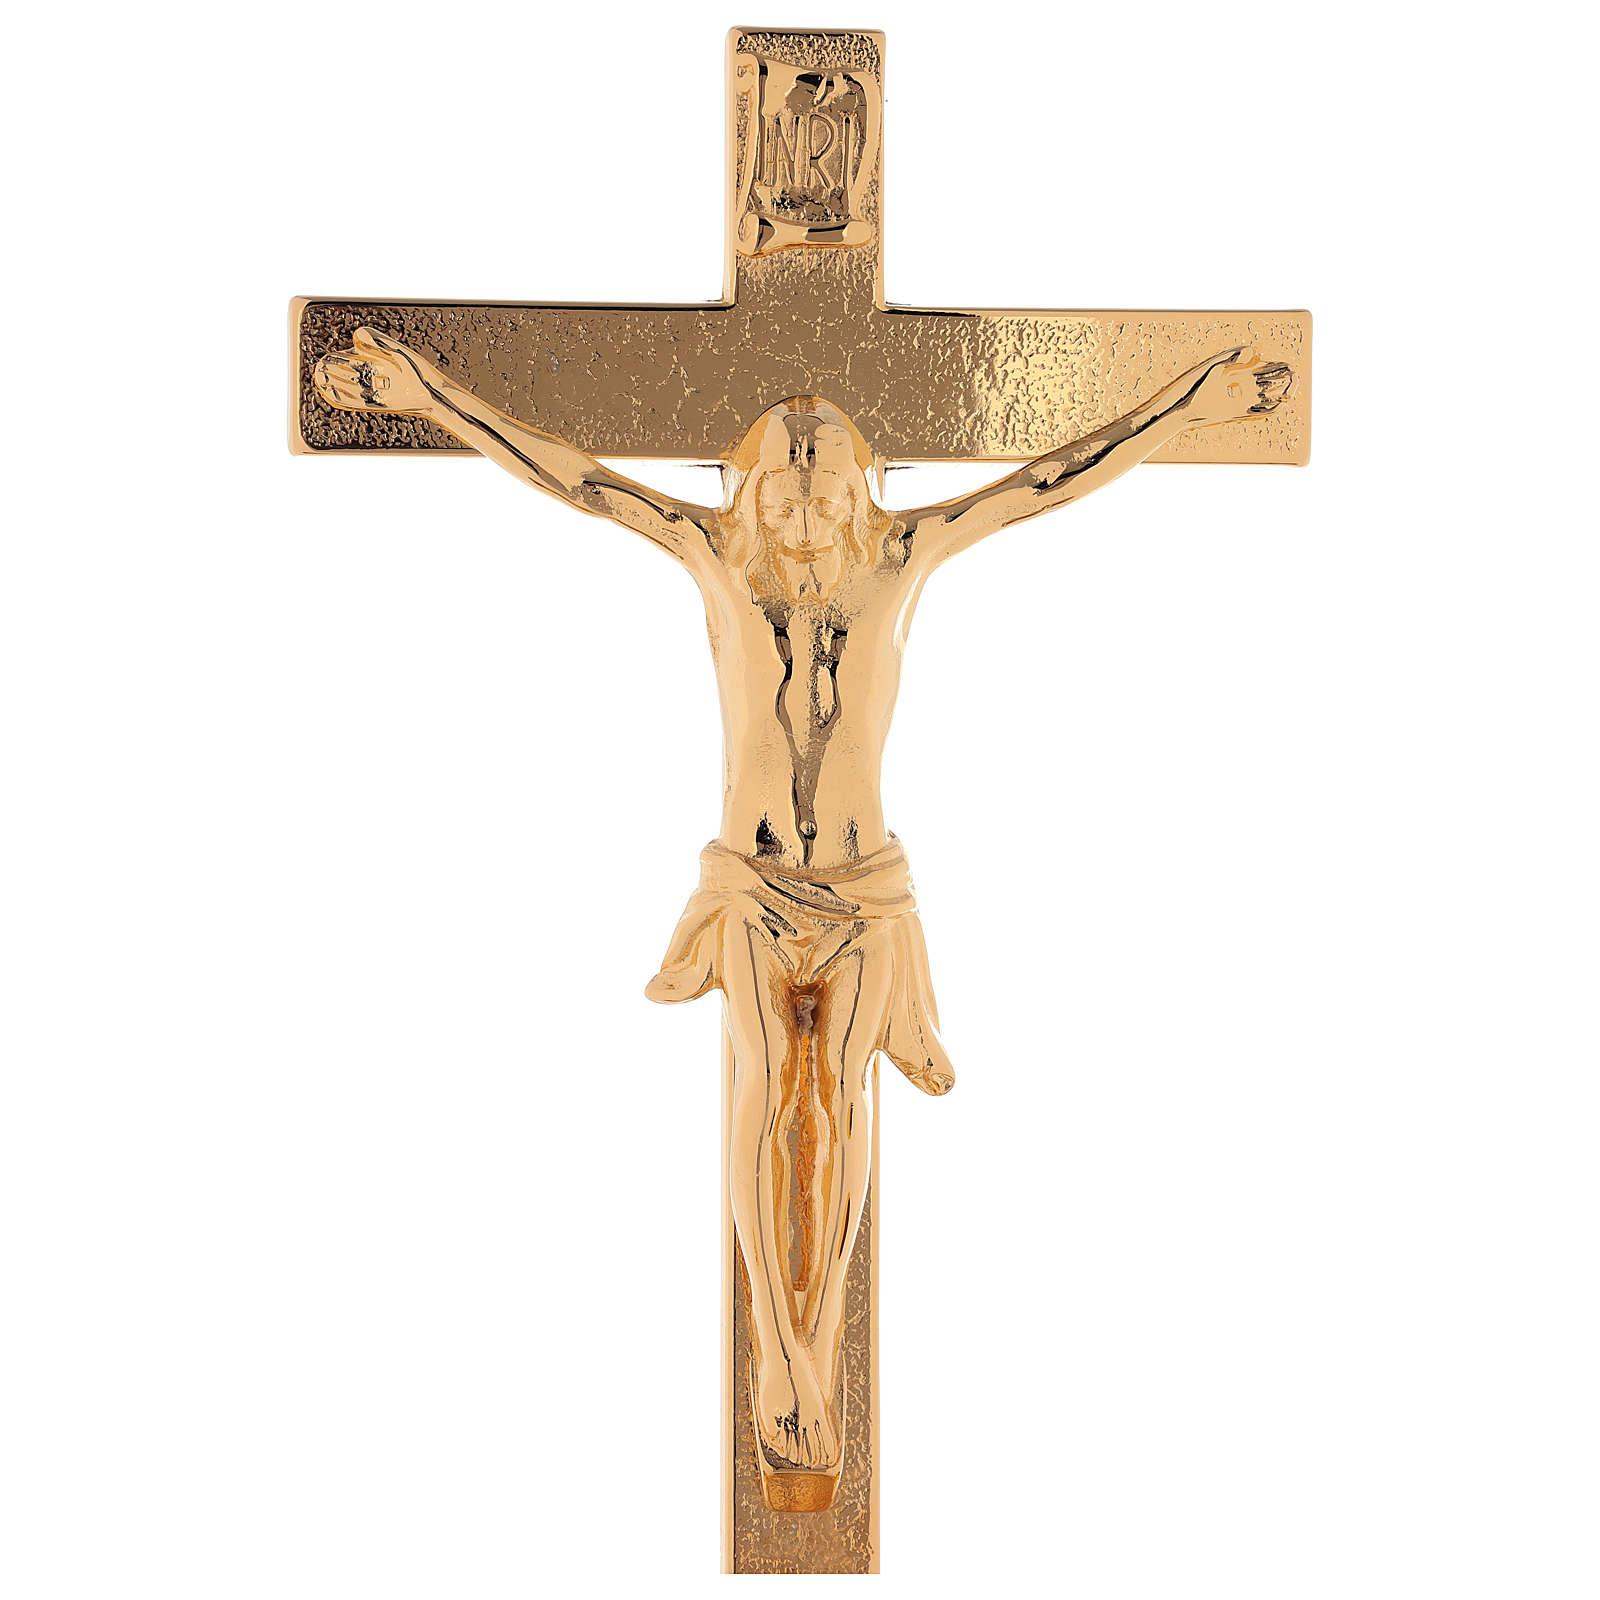 Completo da altare croce e candelieri ottone dorato 24k decoro alla base 4